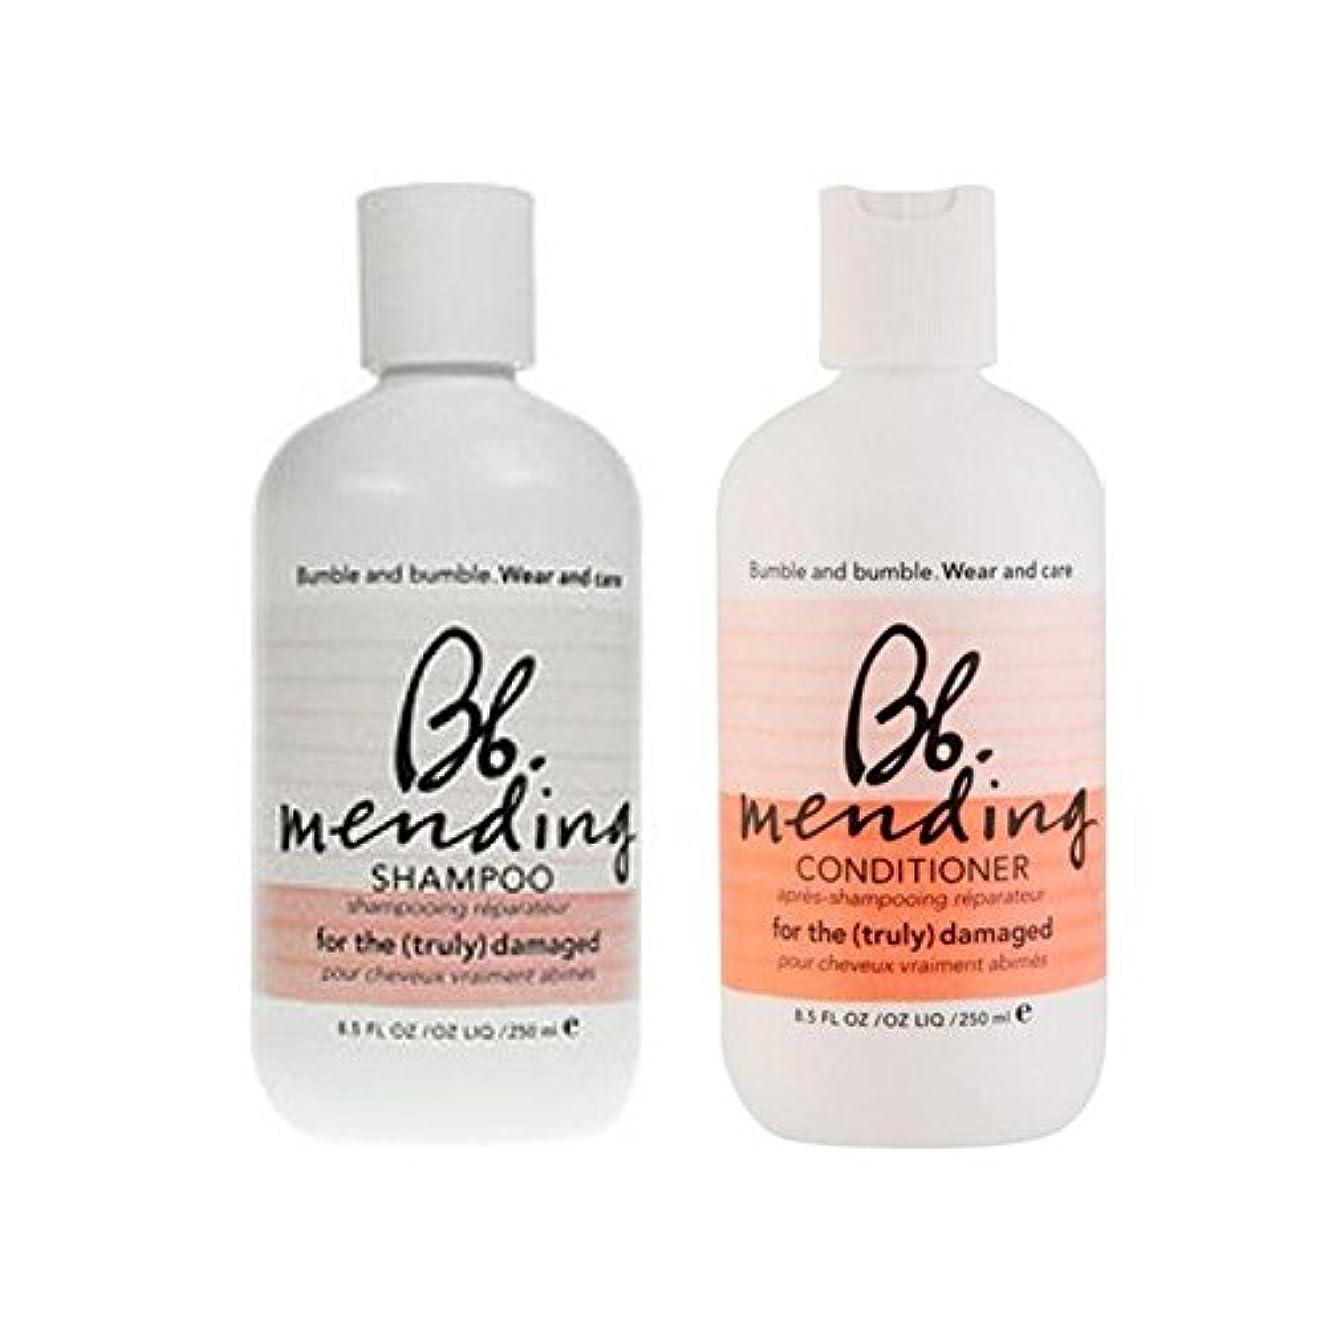 おじさん港厳着用し、-シャンプーとコンディショナーを補修ケア x2 - Bb Wear And Care Mending Duo- Shampoo And Conditioner (Pack of 2) [並行輸入品]